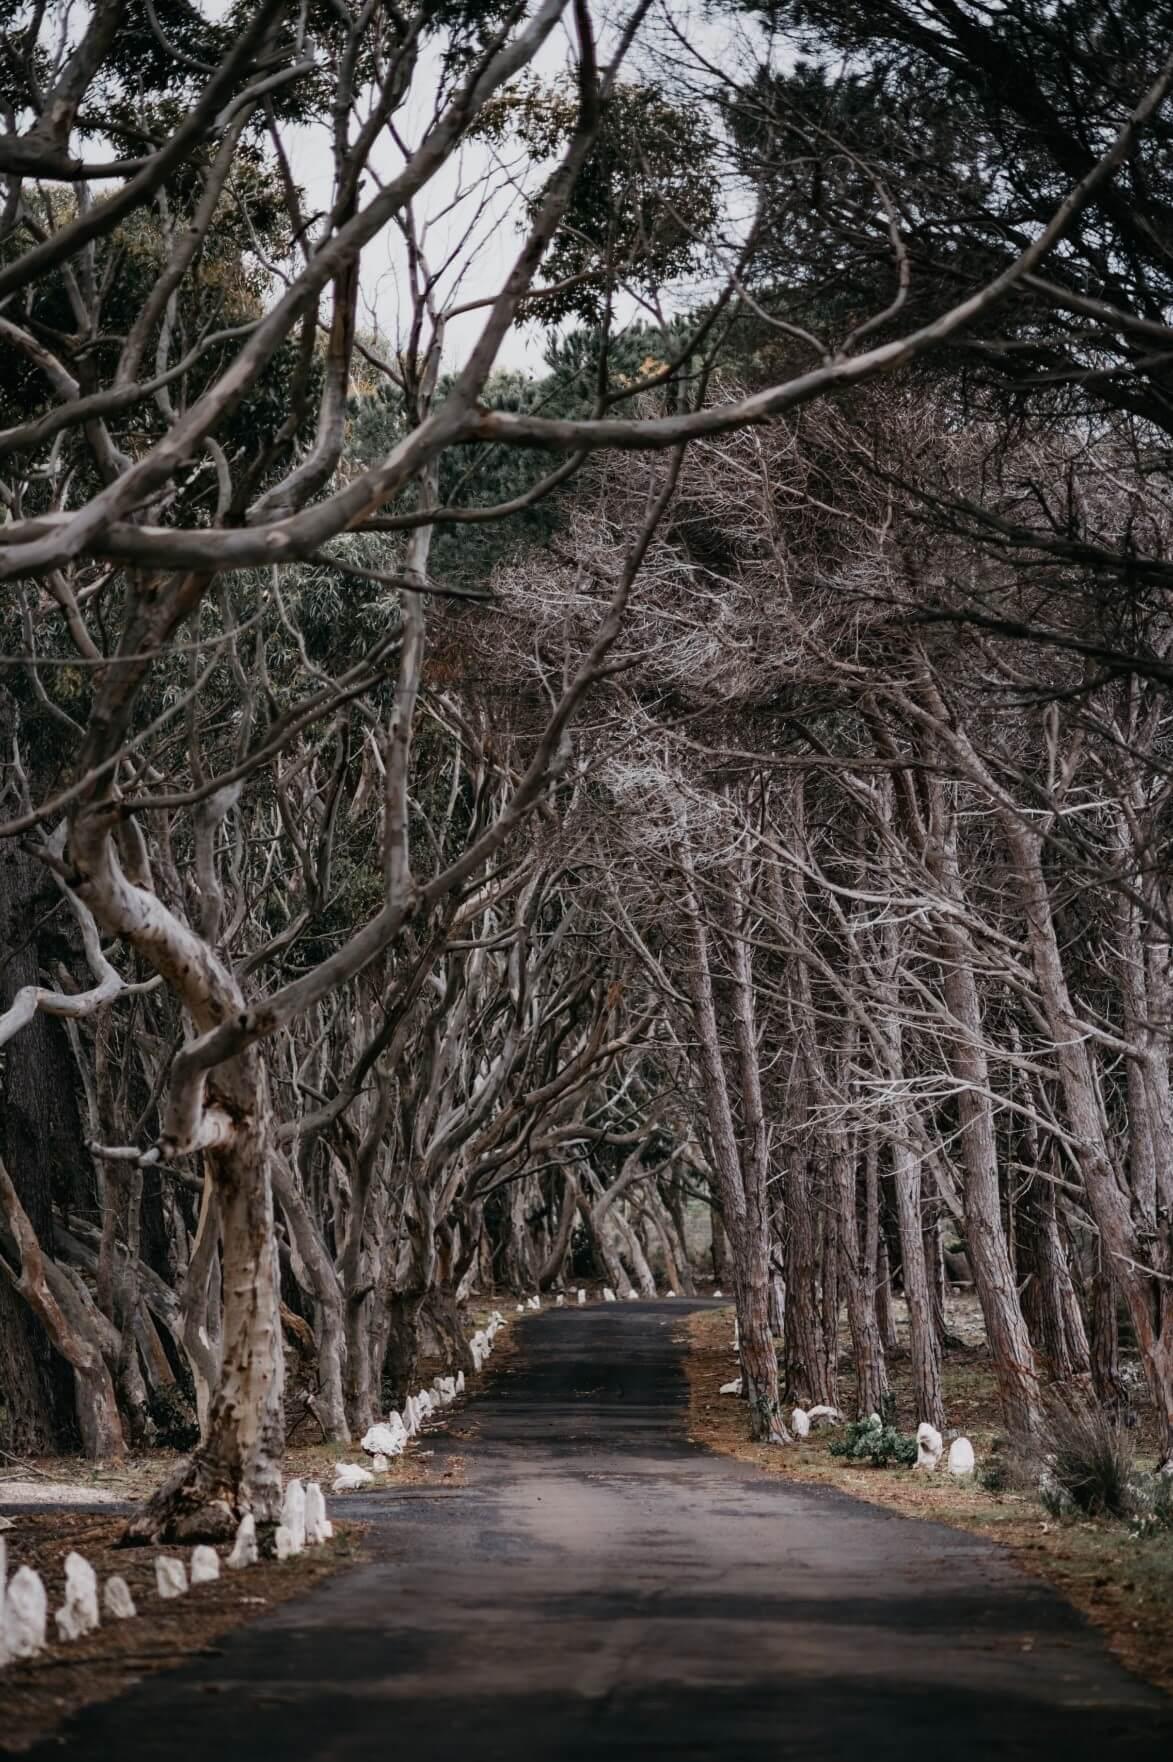 Diese wunderschöne Straße kann in der Nähe der Eland und Duiker Hütten gefunden werden.